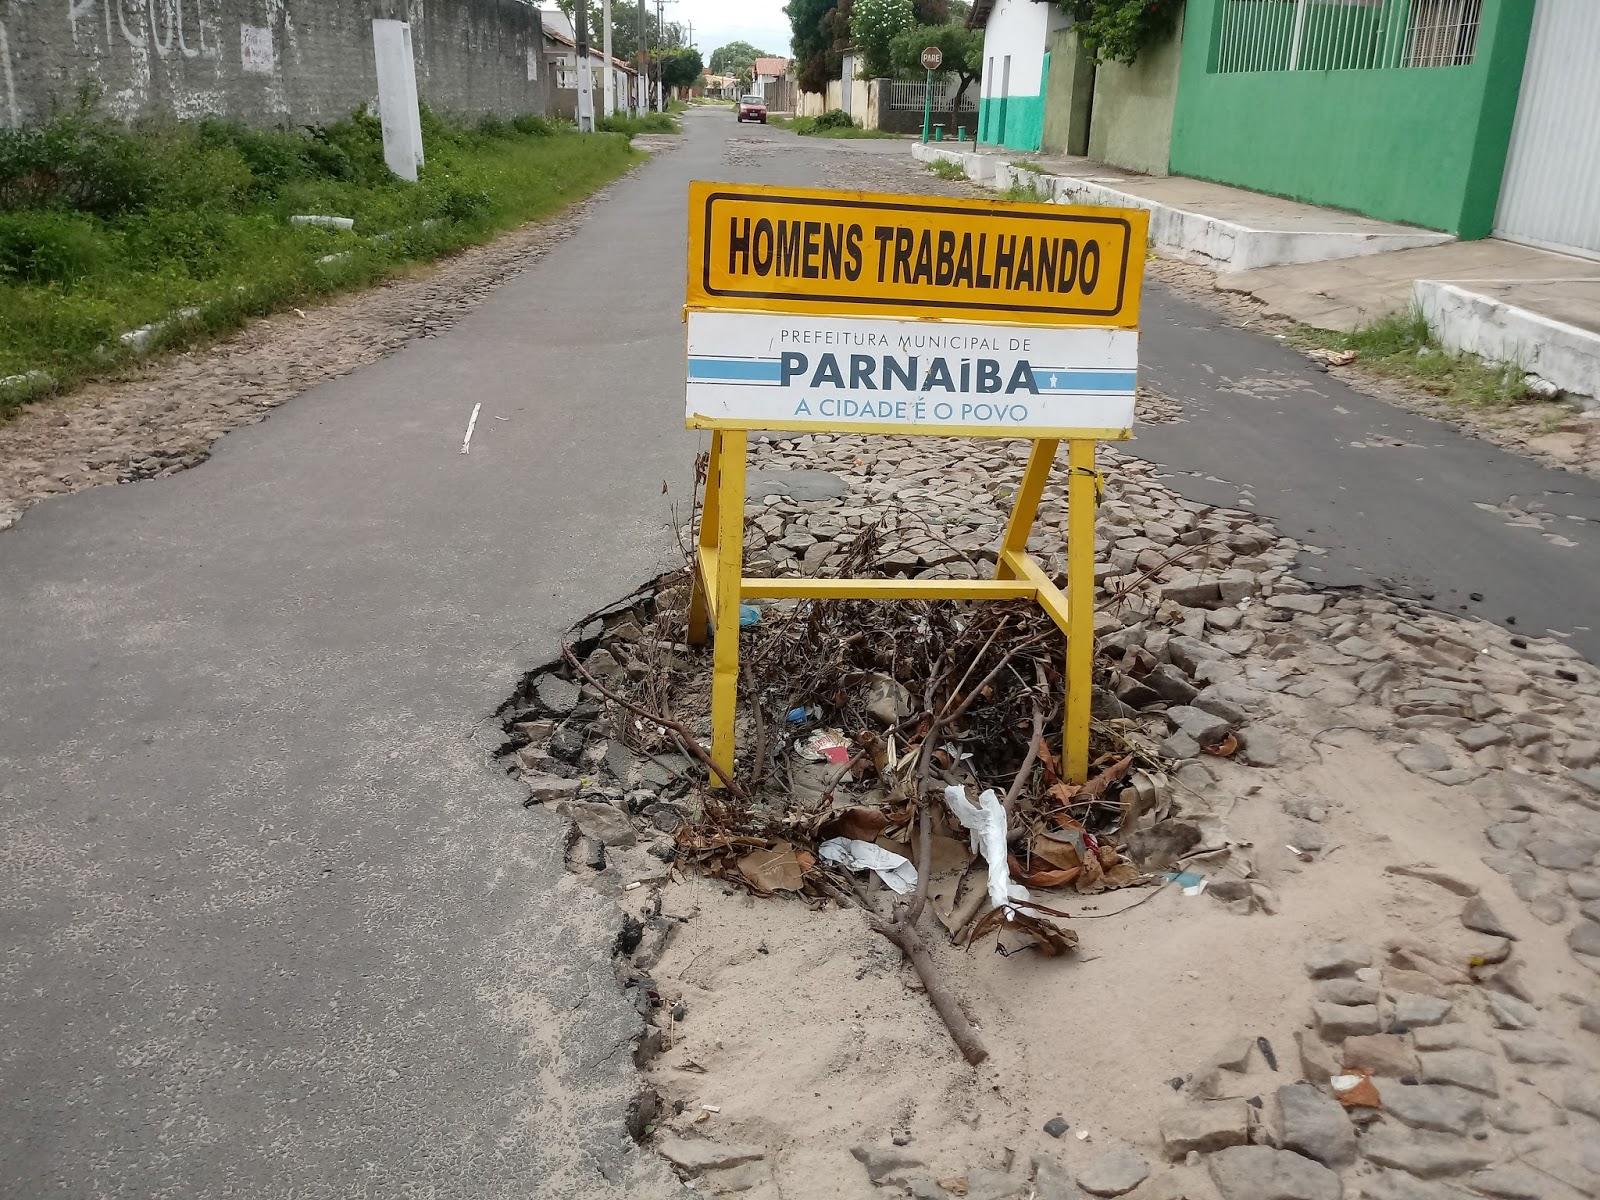 IMAGEM DO DIA: Rua no Bairro São José com cratera aberta